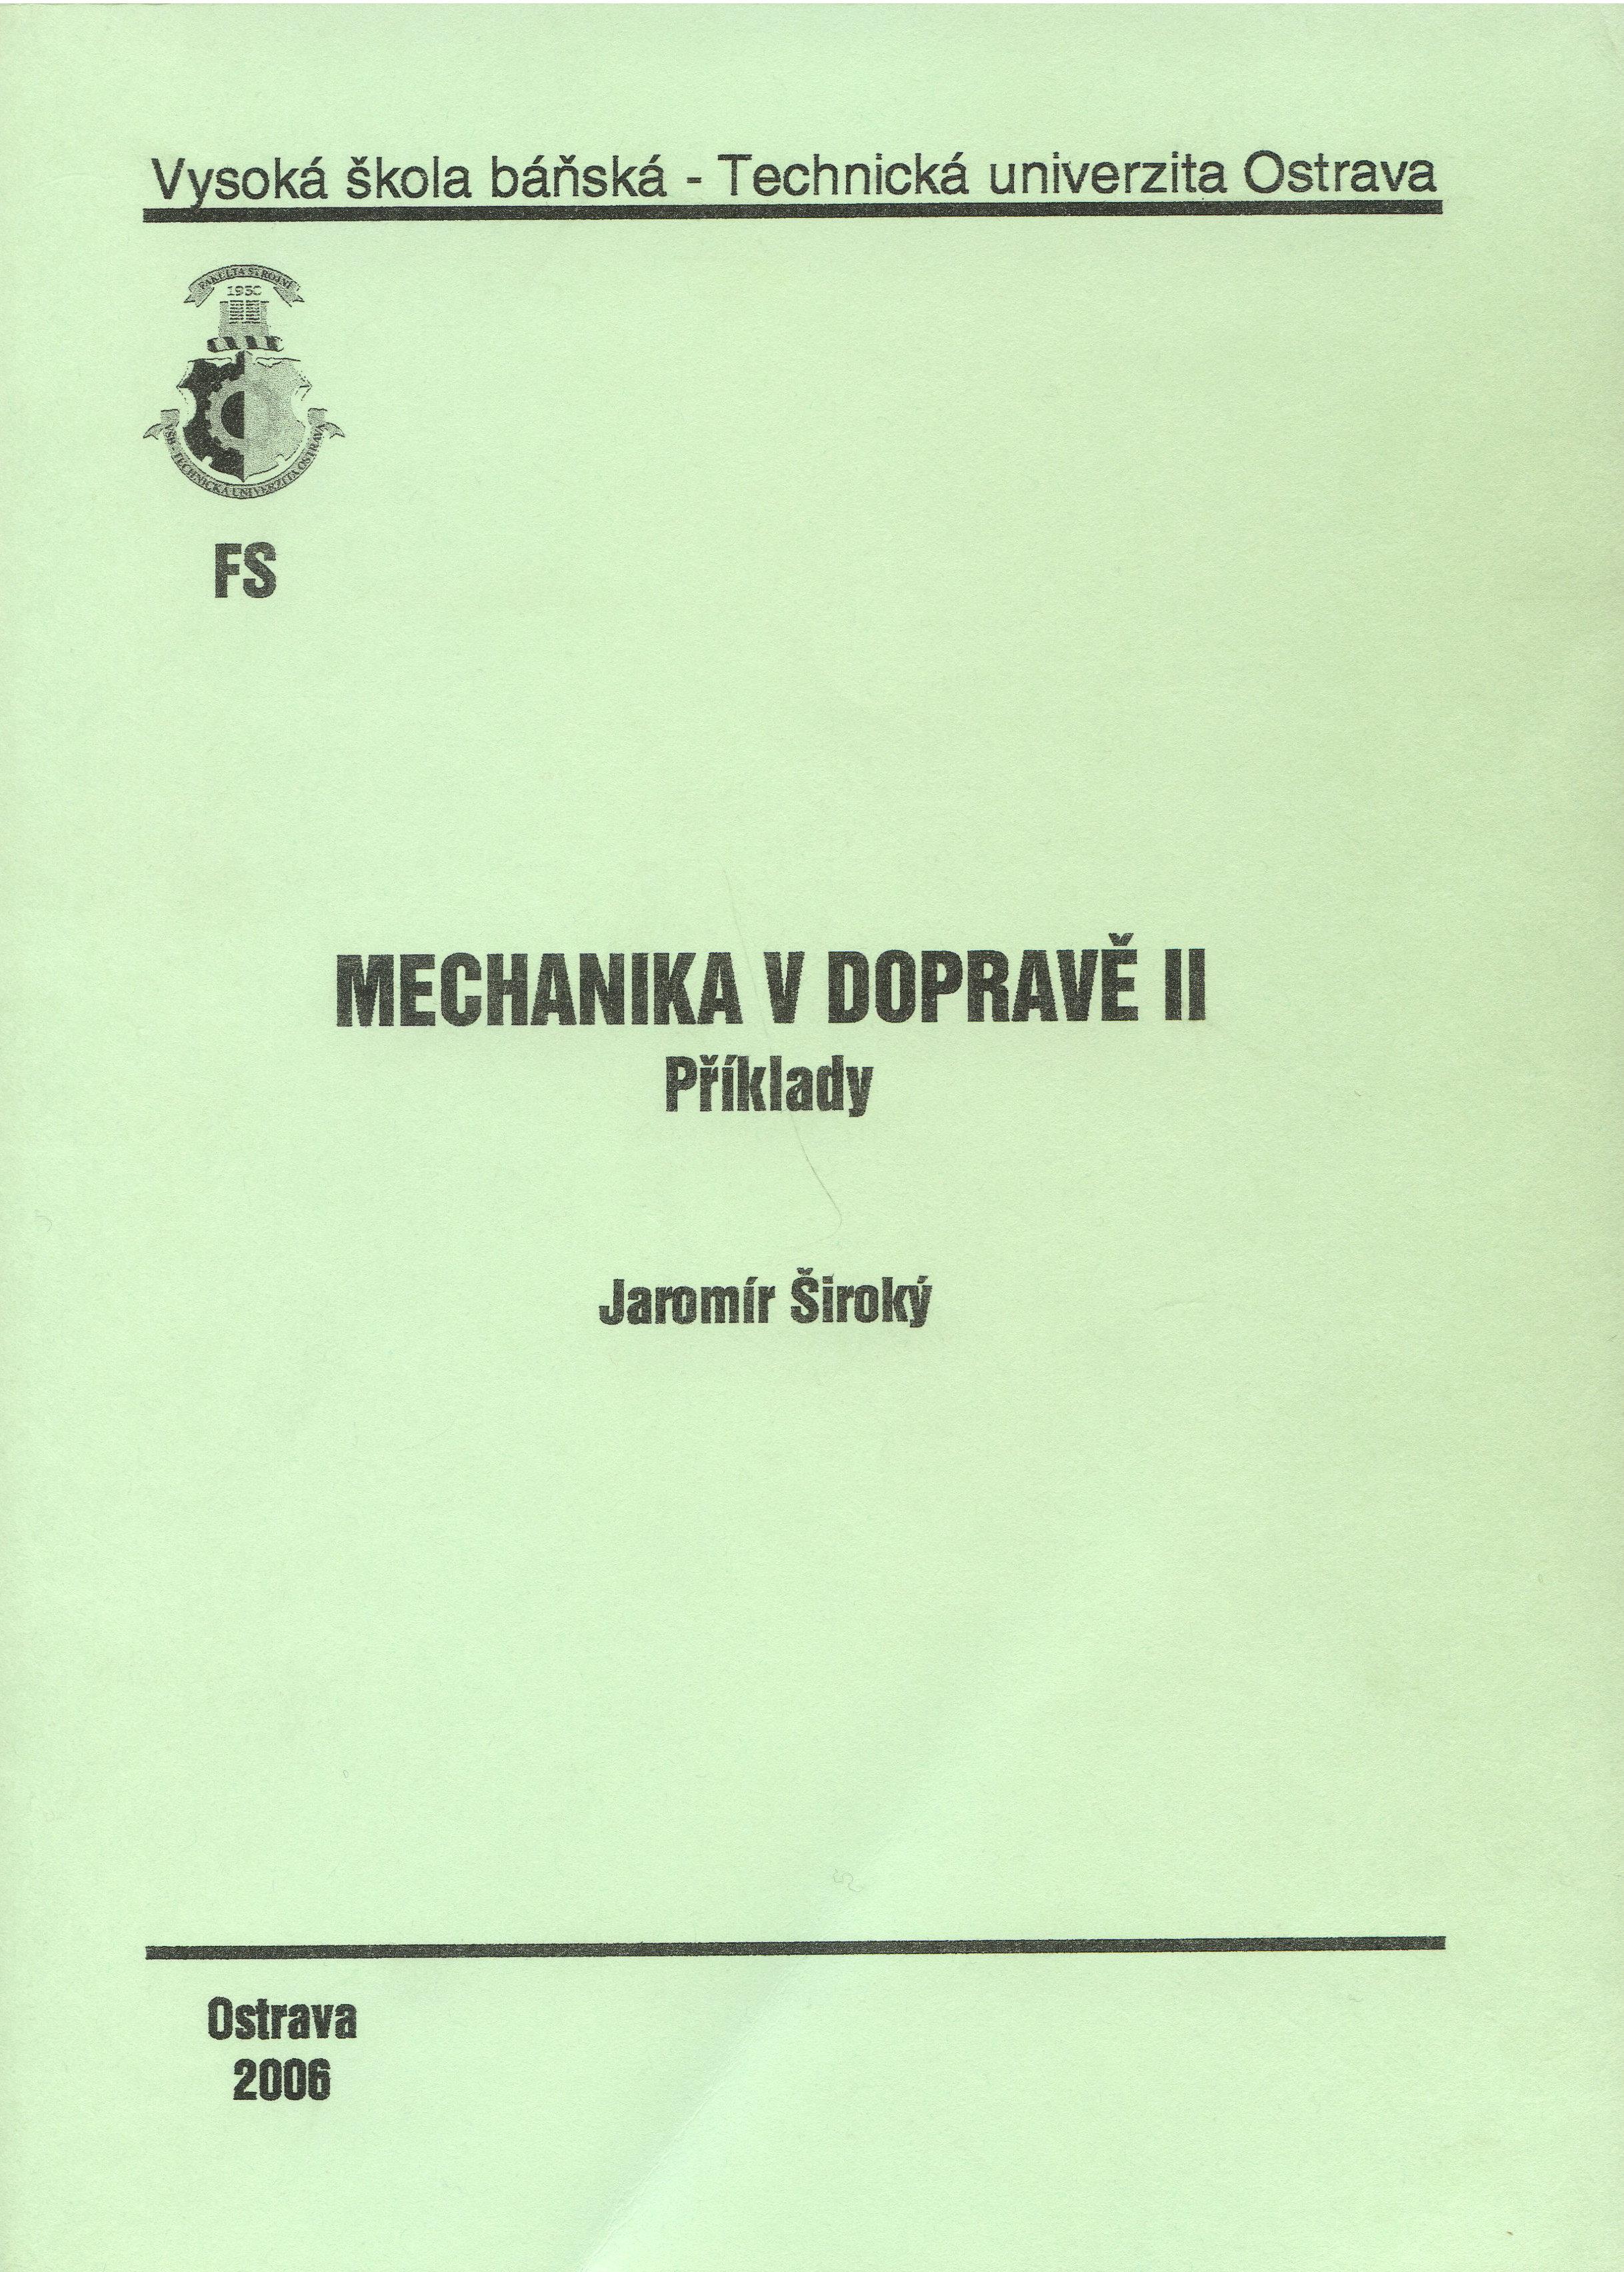 Mechanika v dopravě II.